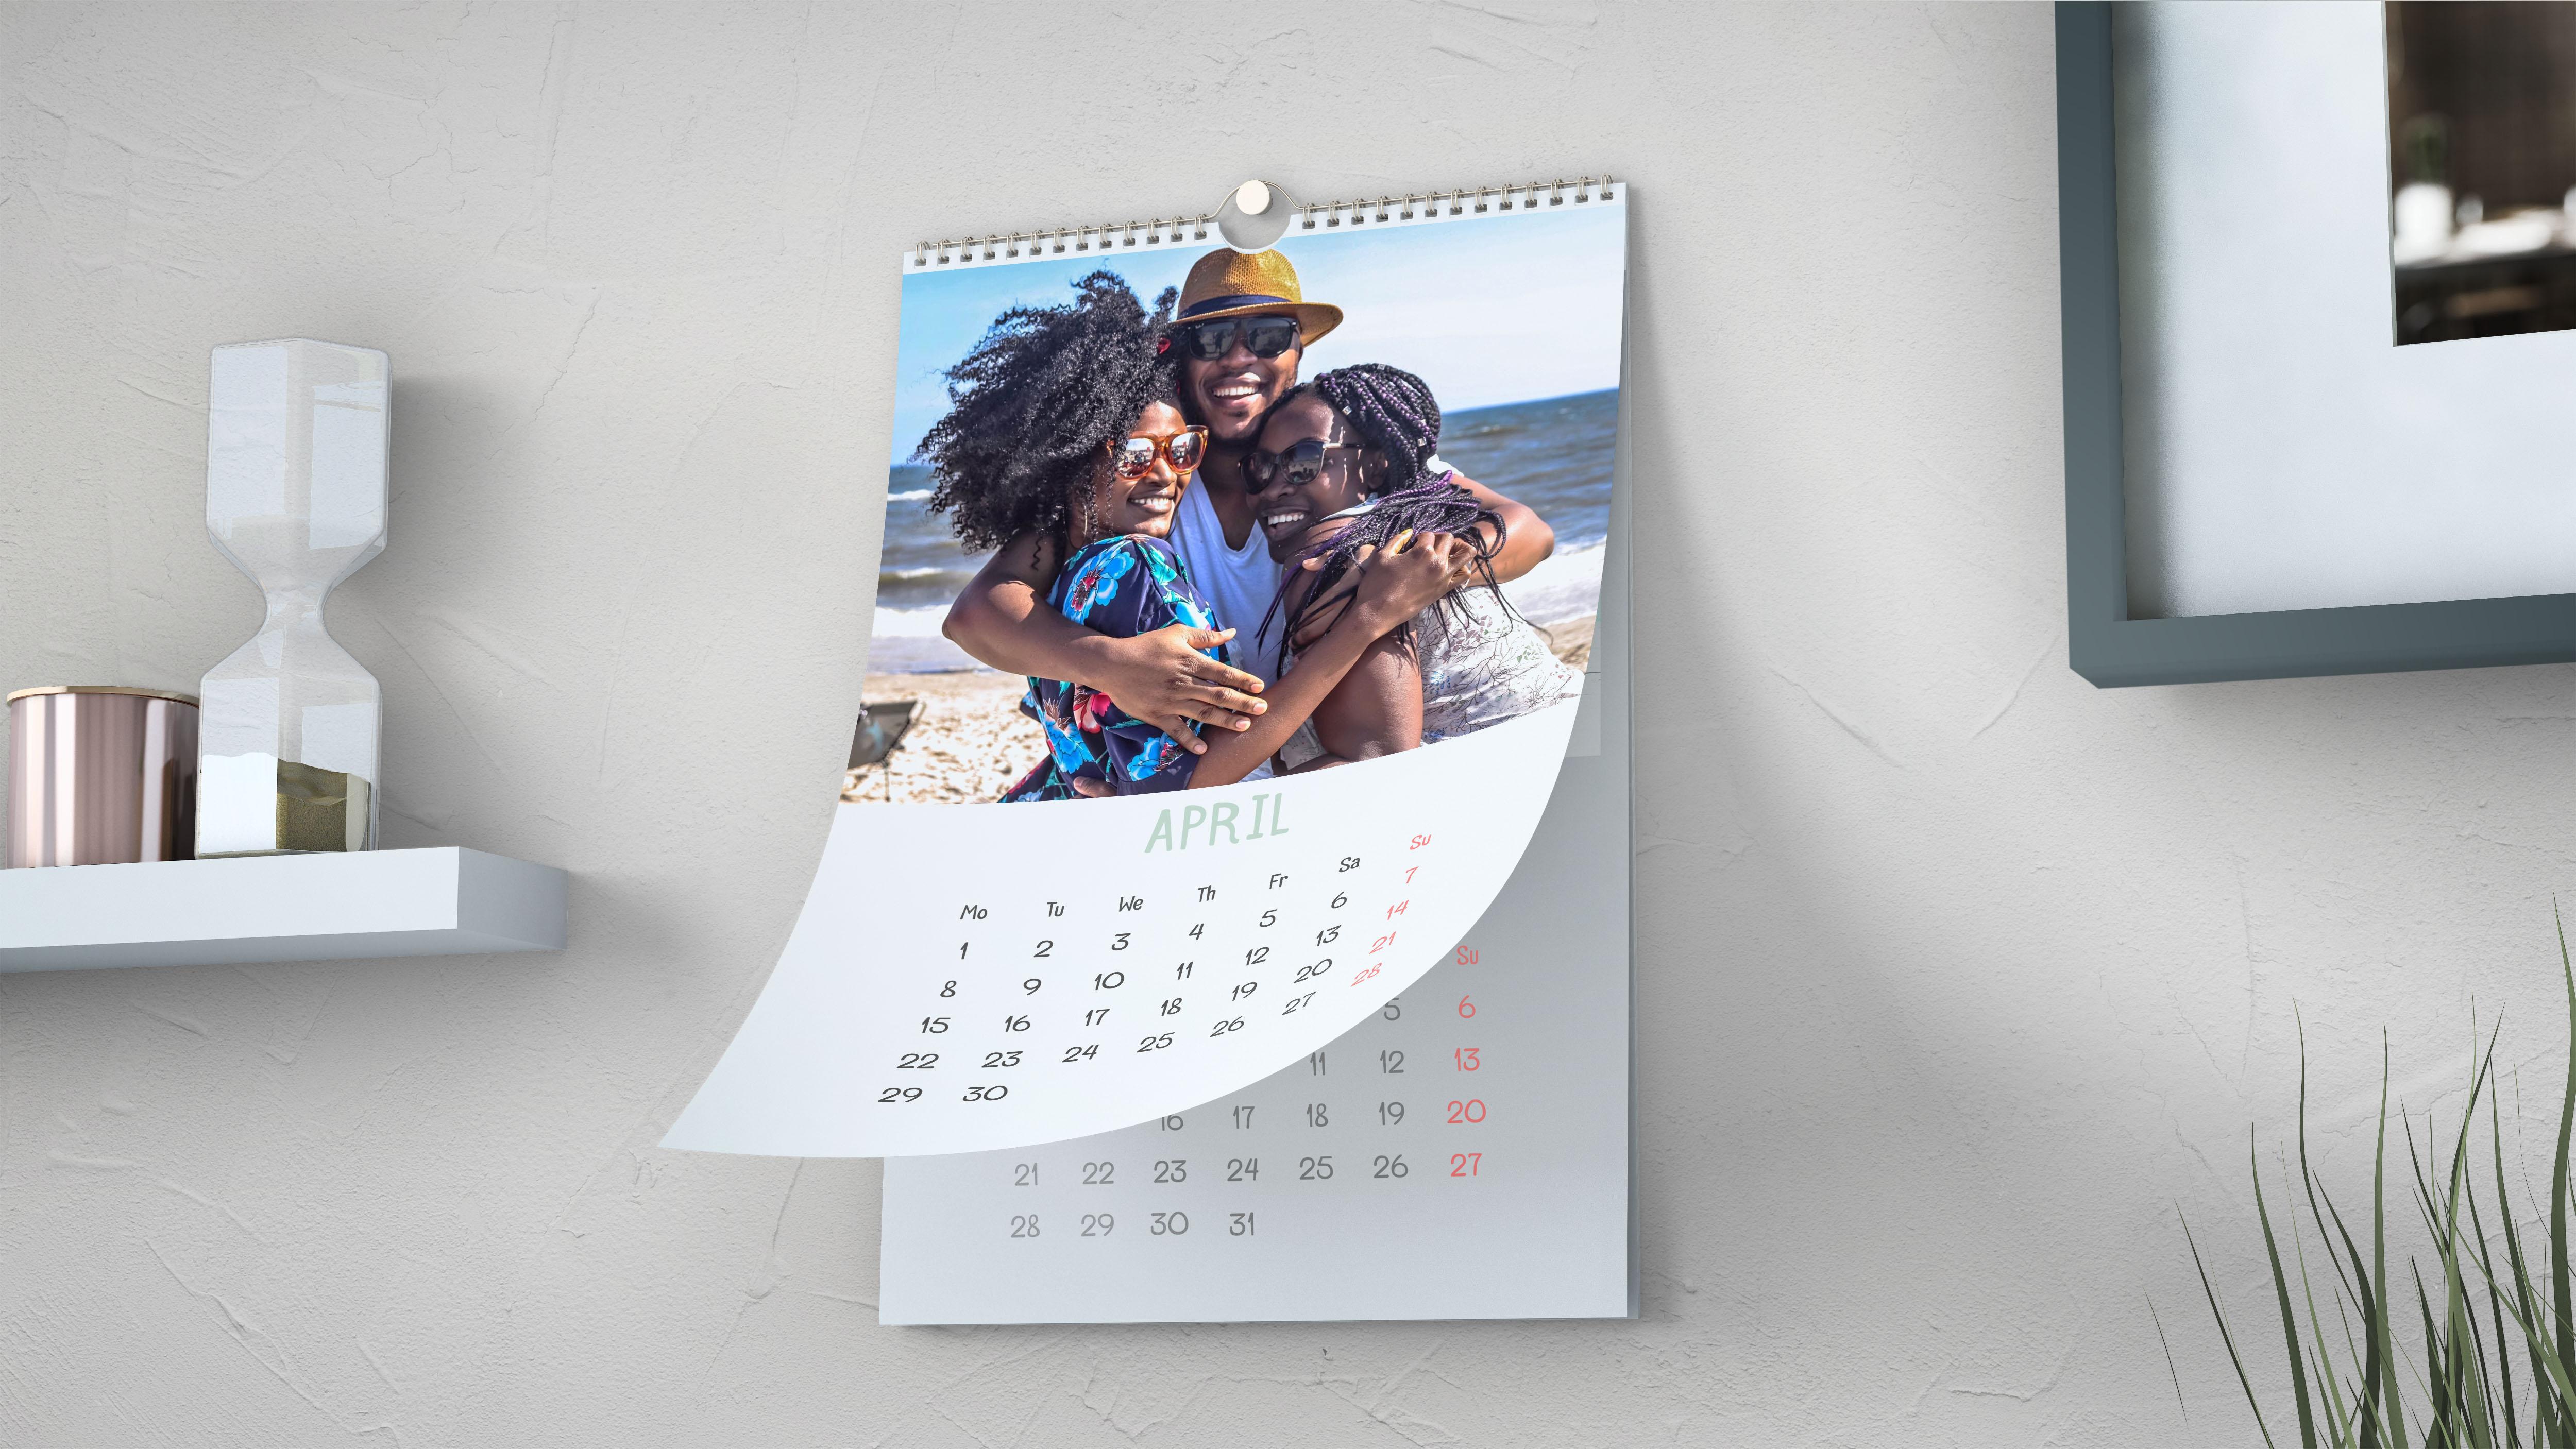 Custom Wall Calendars, Personalized Wall Calendars